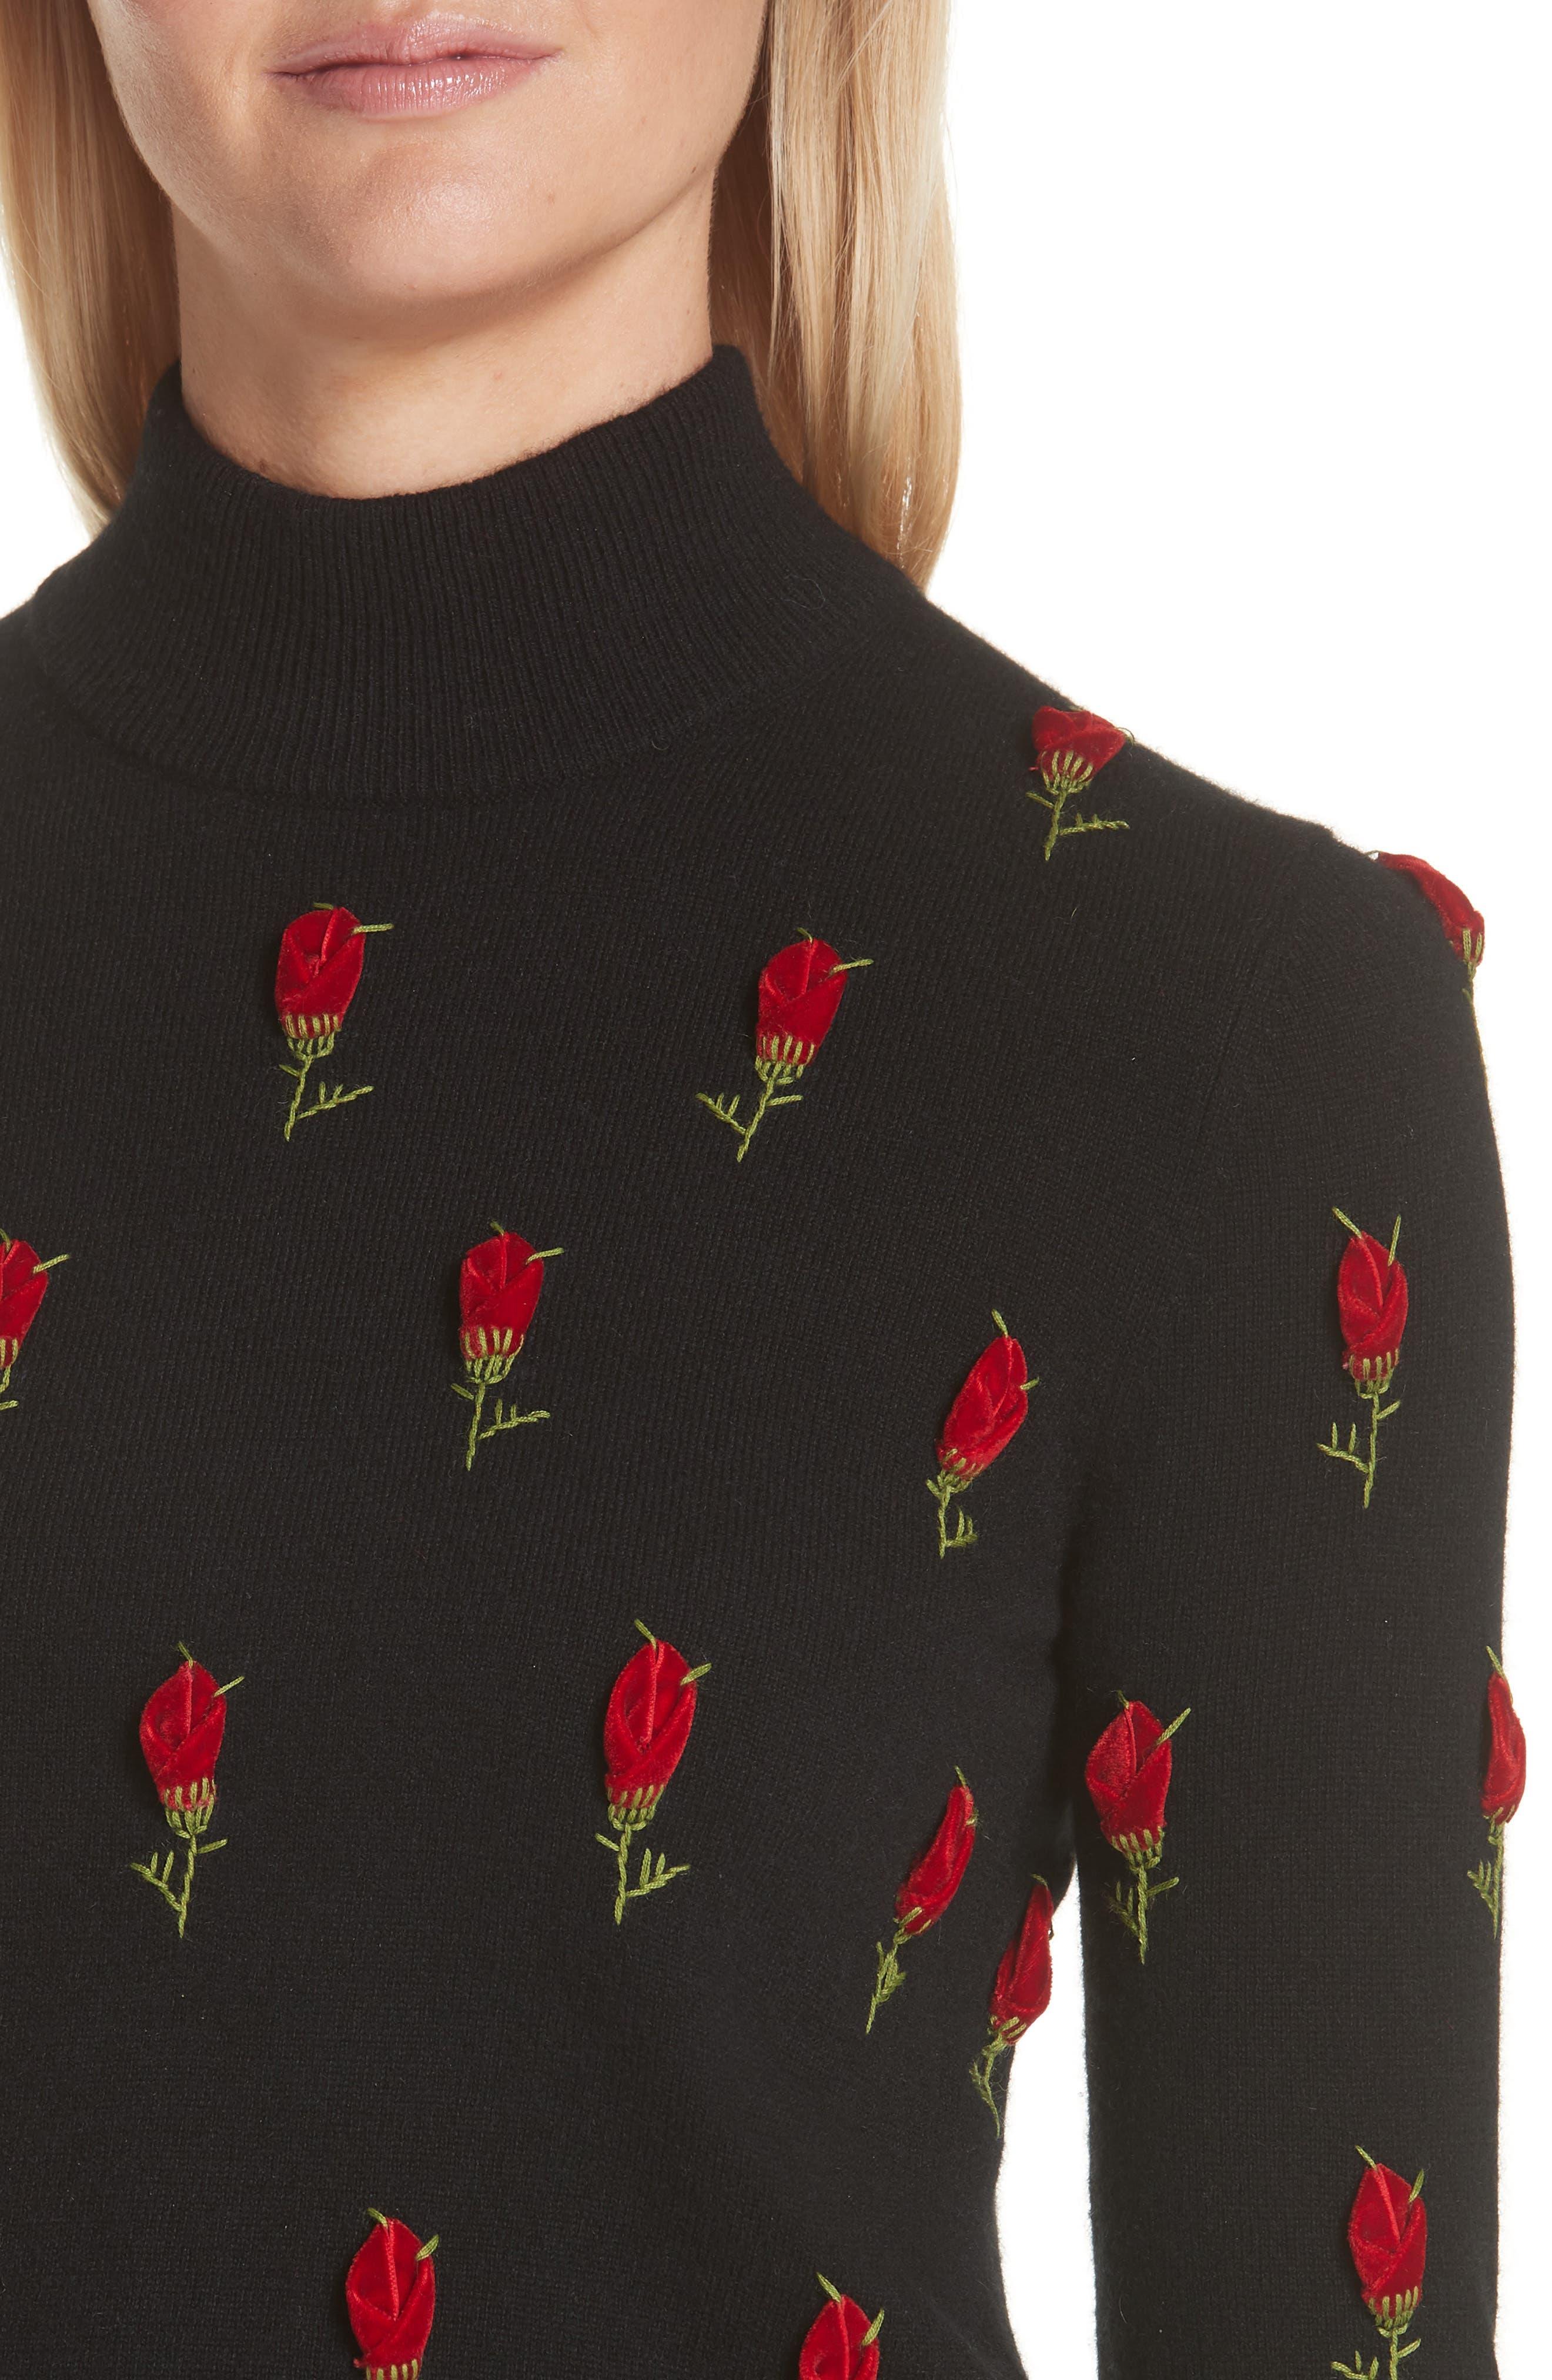 Velvet Rose Embroidered Cashmere Sweater,                             Alternate thumbnail 4, color,                             BLACK / CRIMSON